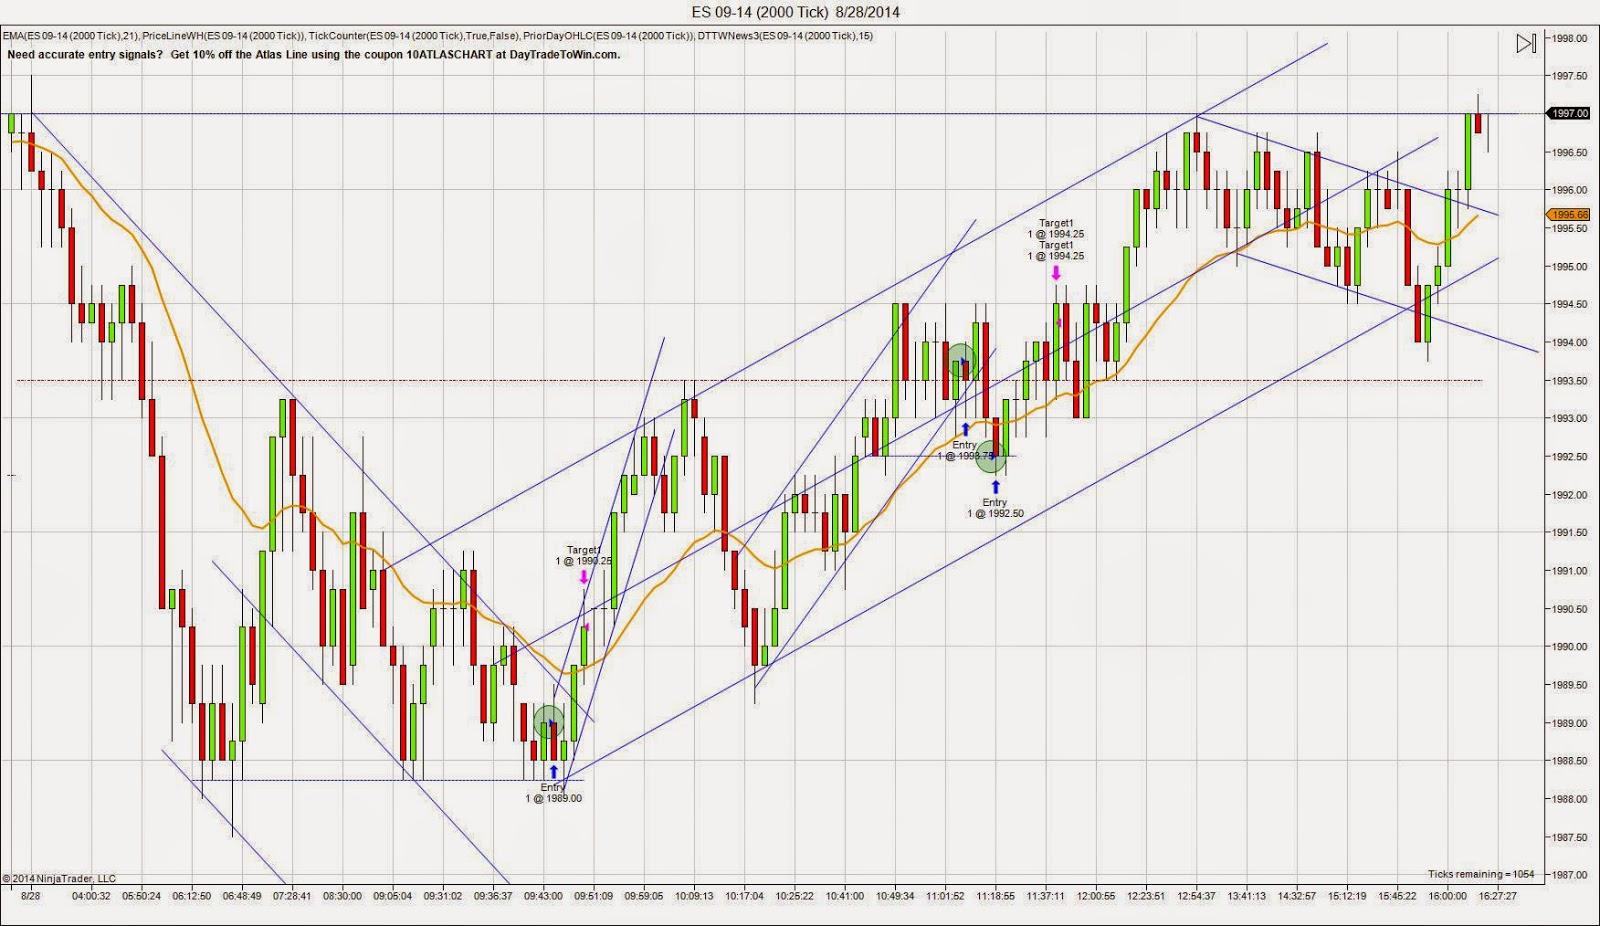 E-mini S&P 500 Futures chart for Thursday 8/28/14